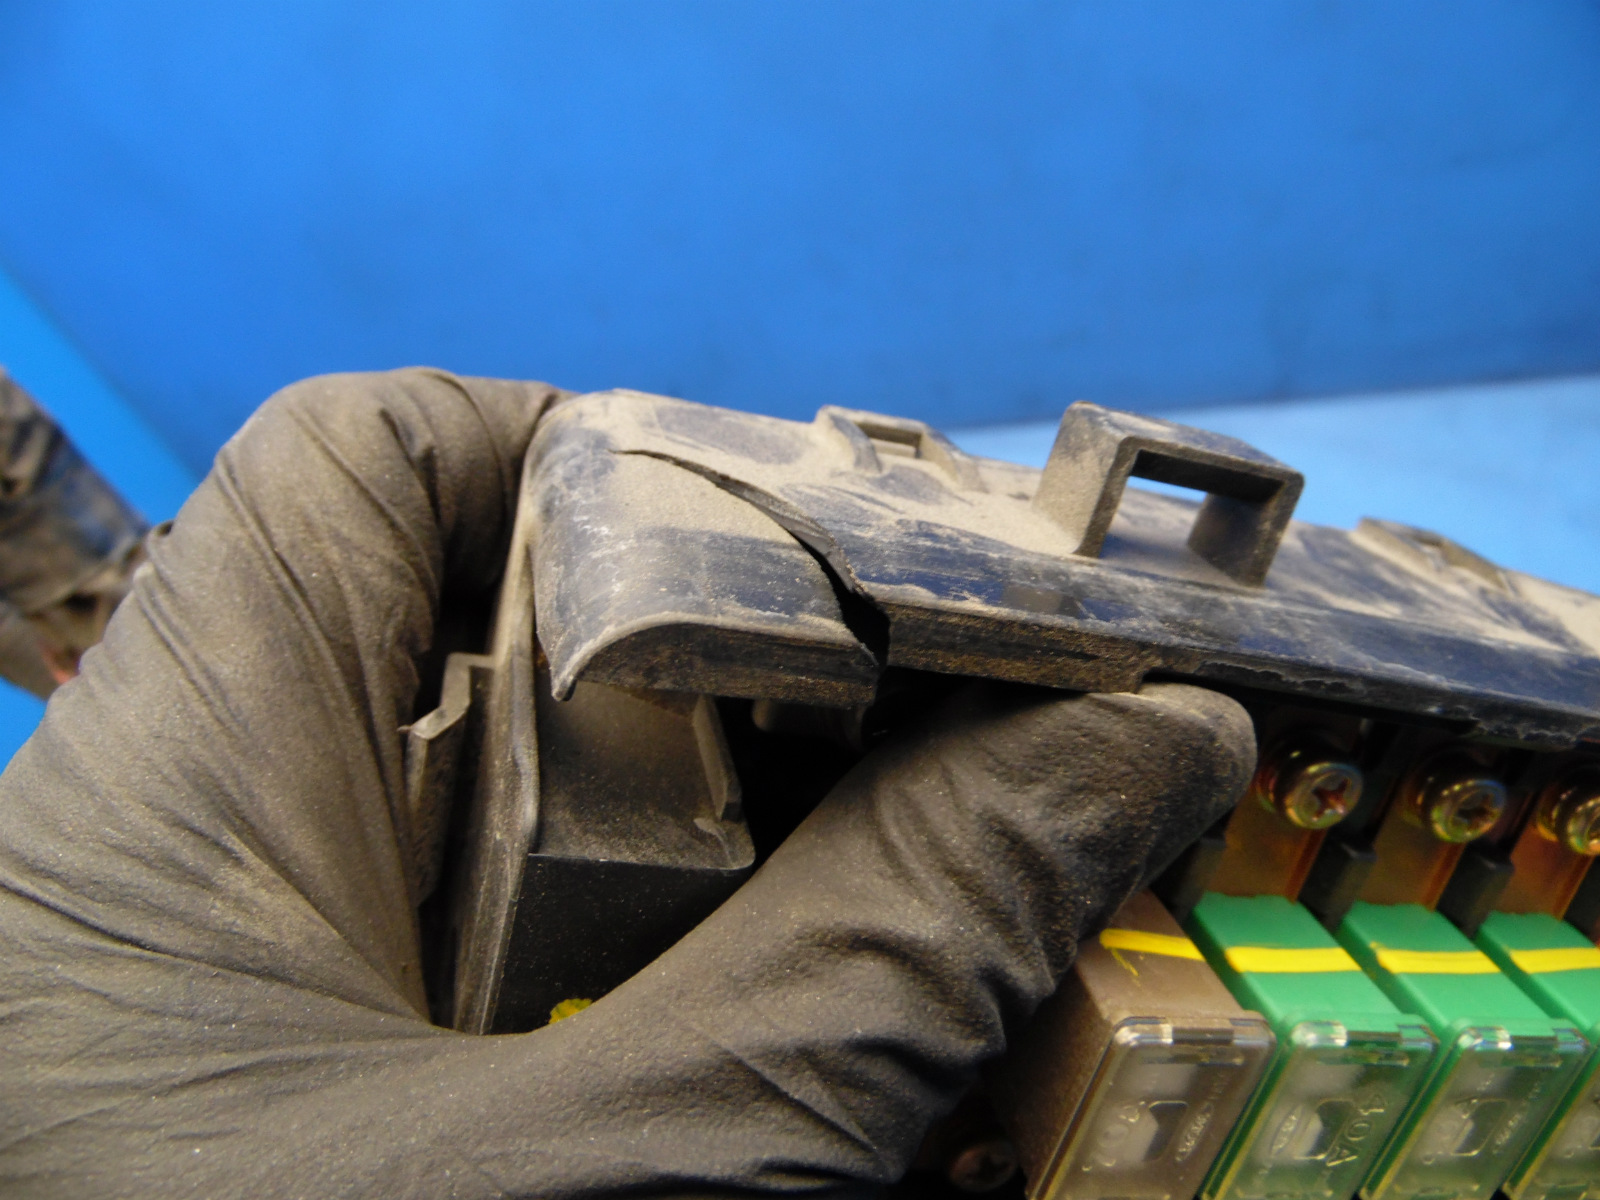 88-89 honda prelude oem under hood fuse box & fuses relays *flaw #2